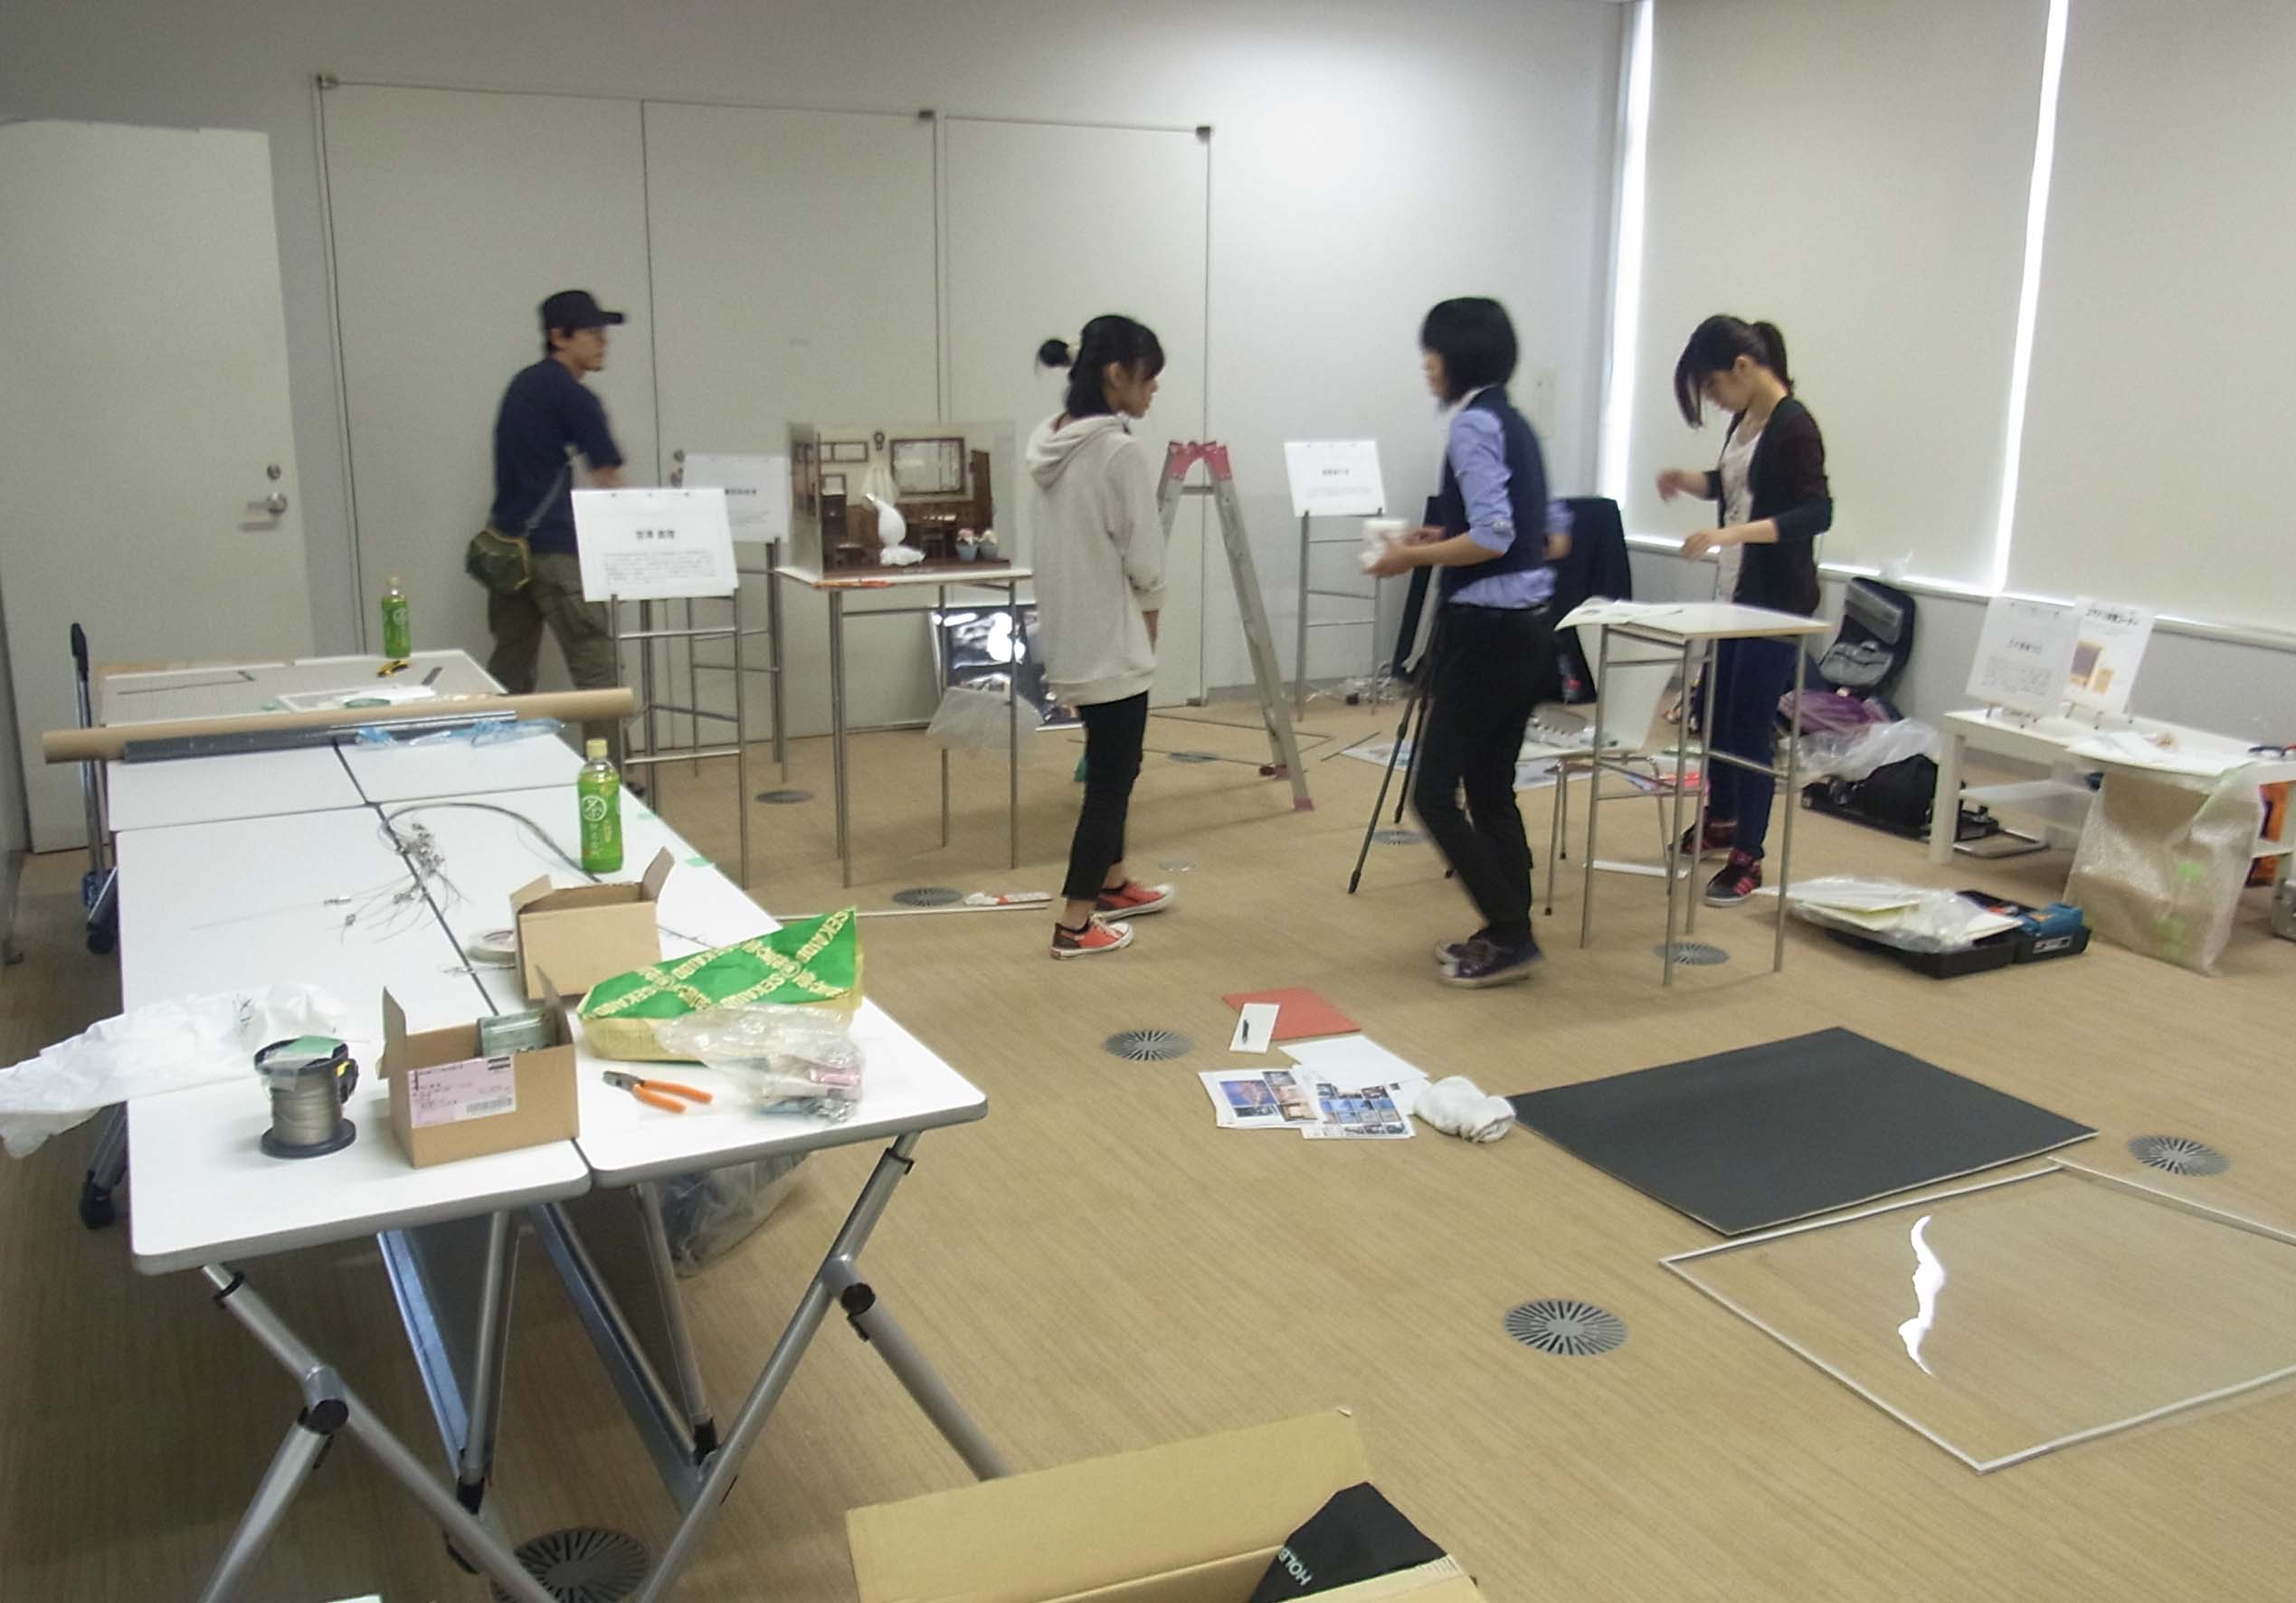 シンポジウム作家の撮影人形が飾られる研修室